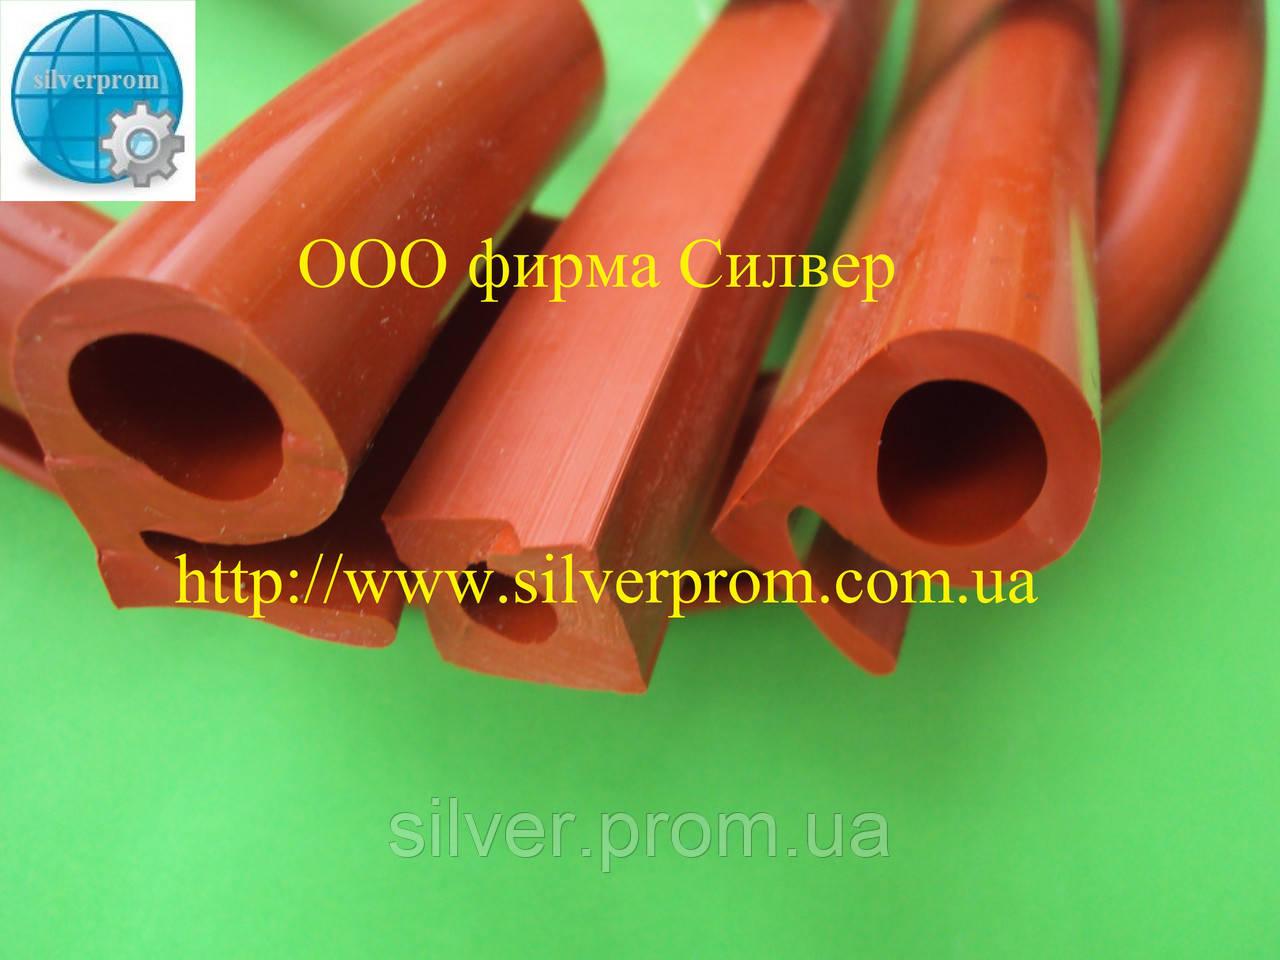 039. Производство силиконовых уплотнителей